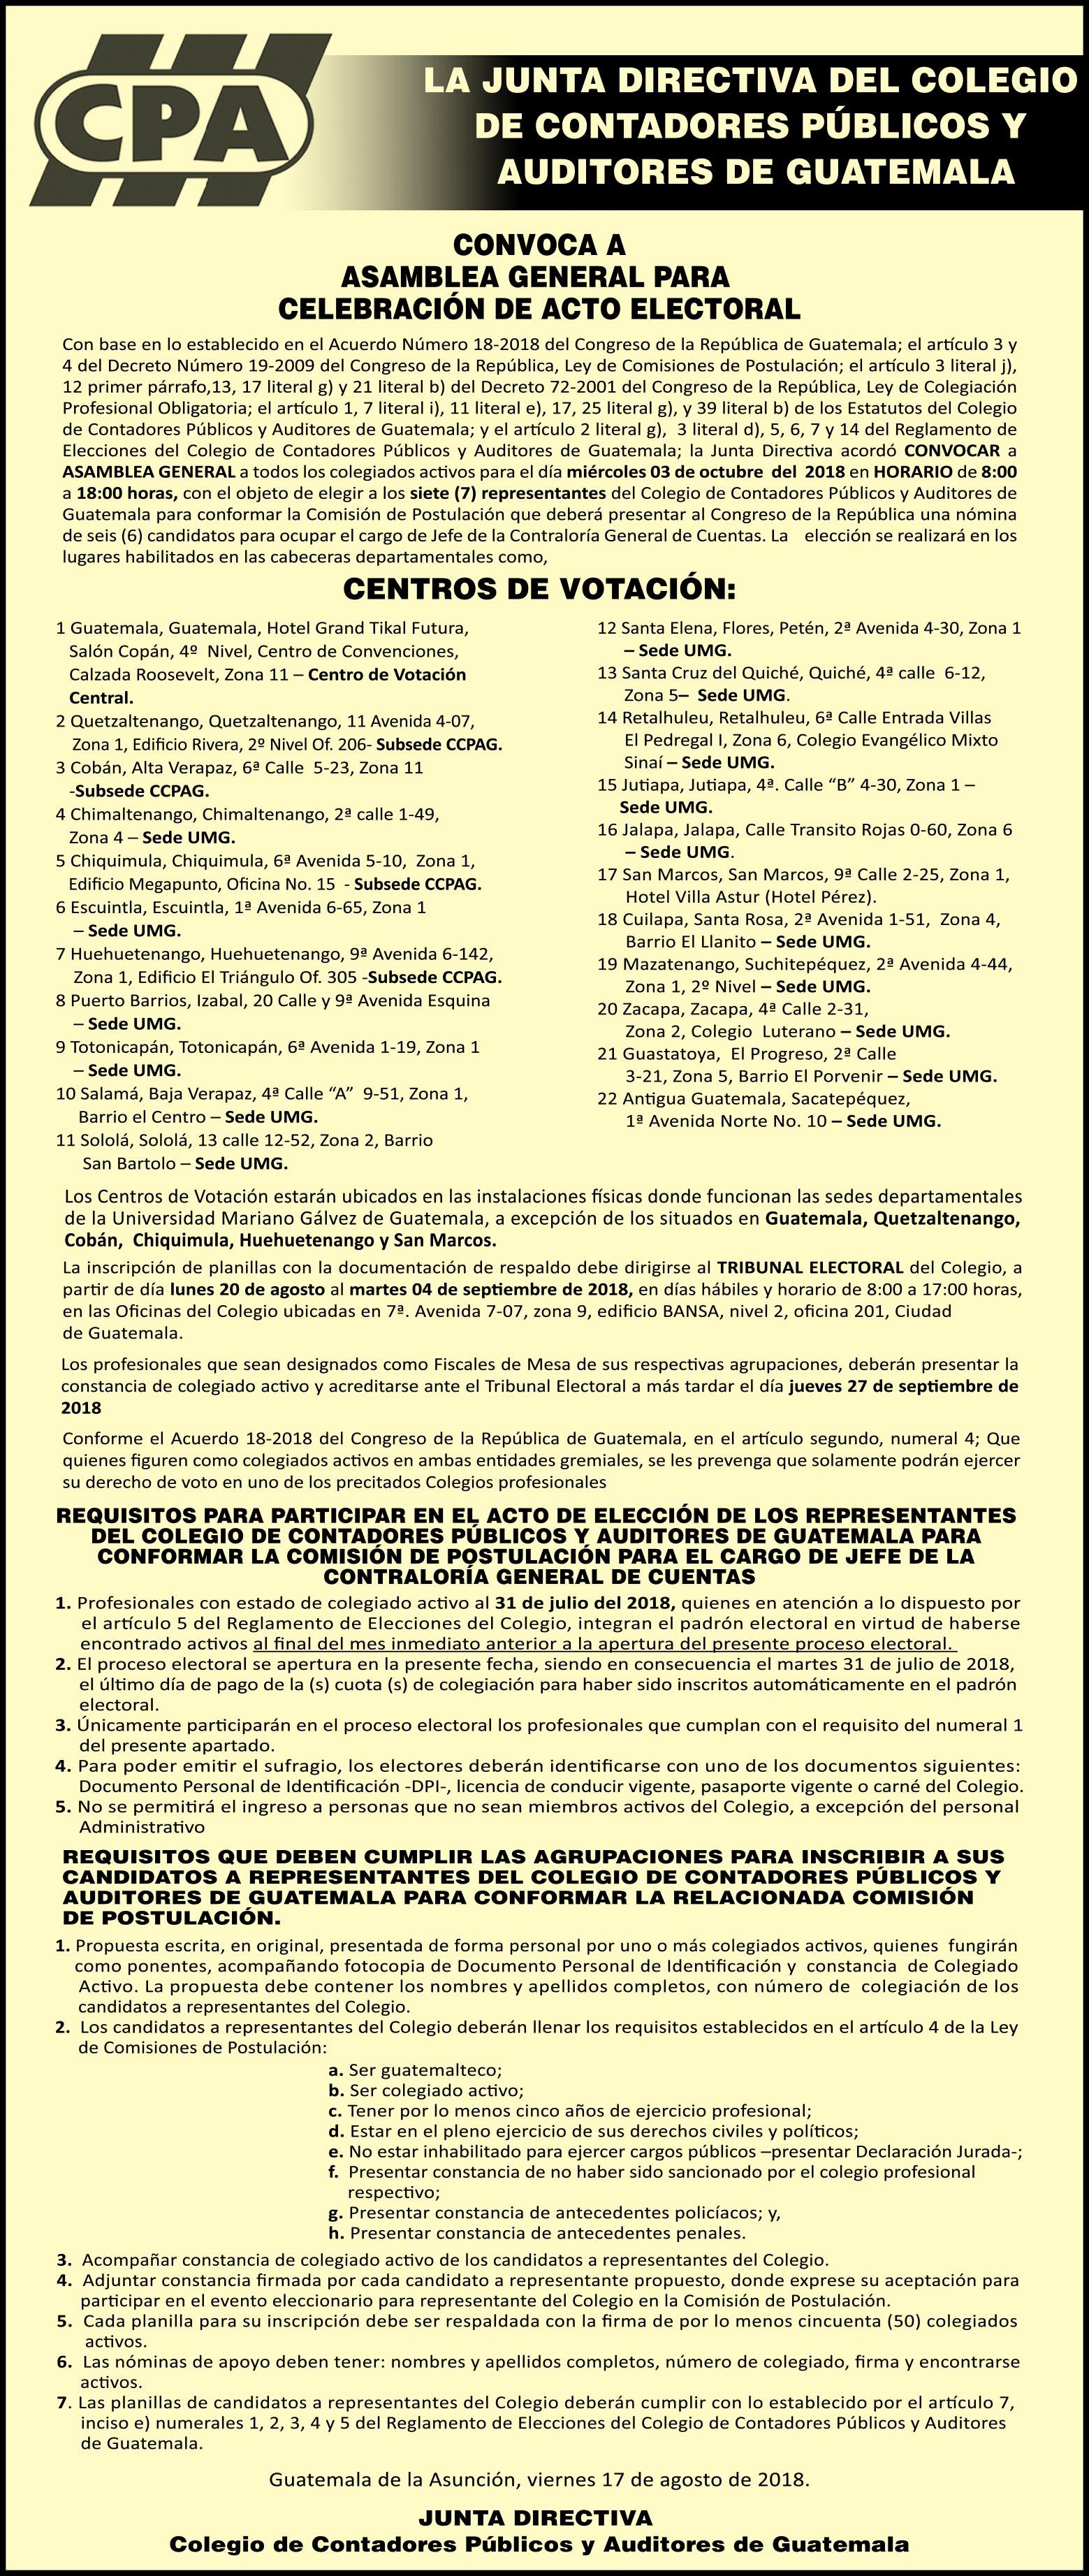 Convocatoria Comisión de Postulación – Jefe de la Contraloria General de Cuentas